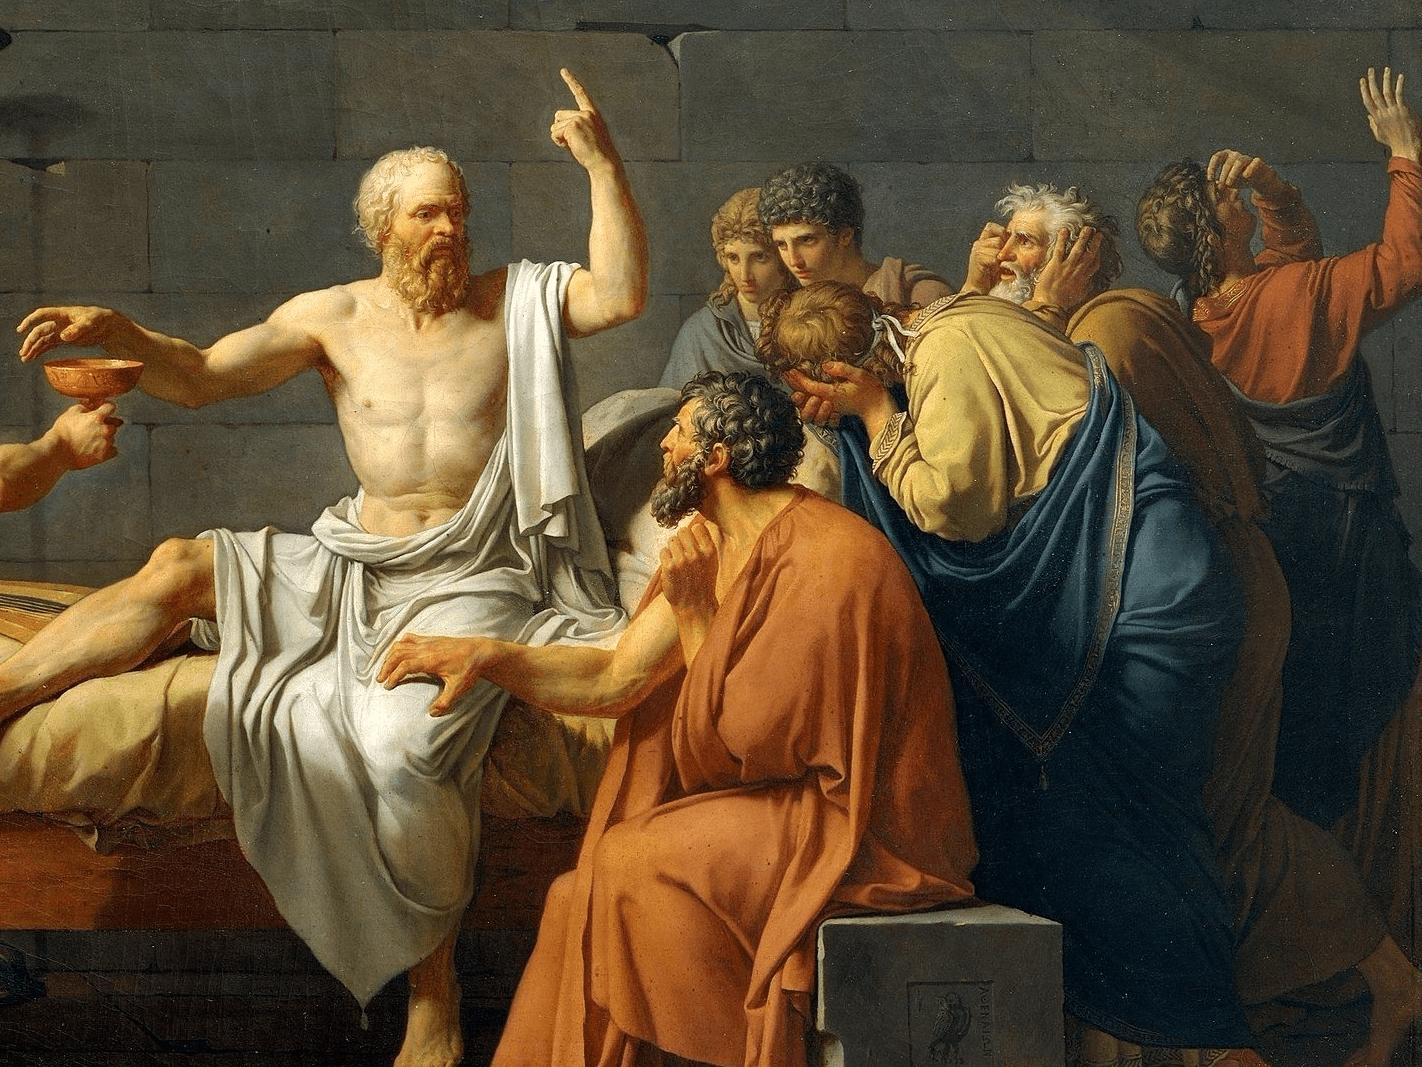 Görög filozófusok heves filozofálgatás közben (forrás: Wikipedia)